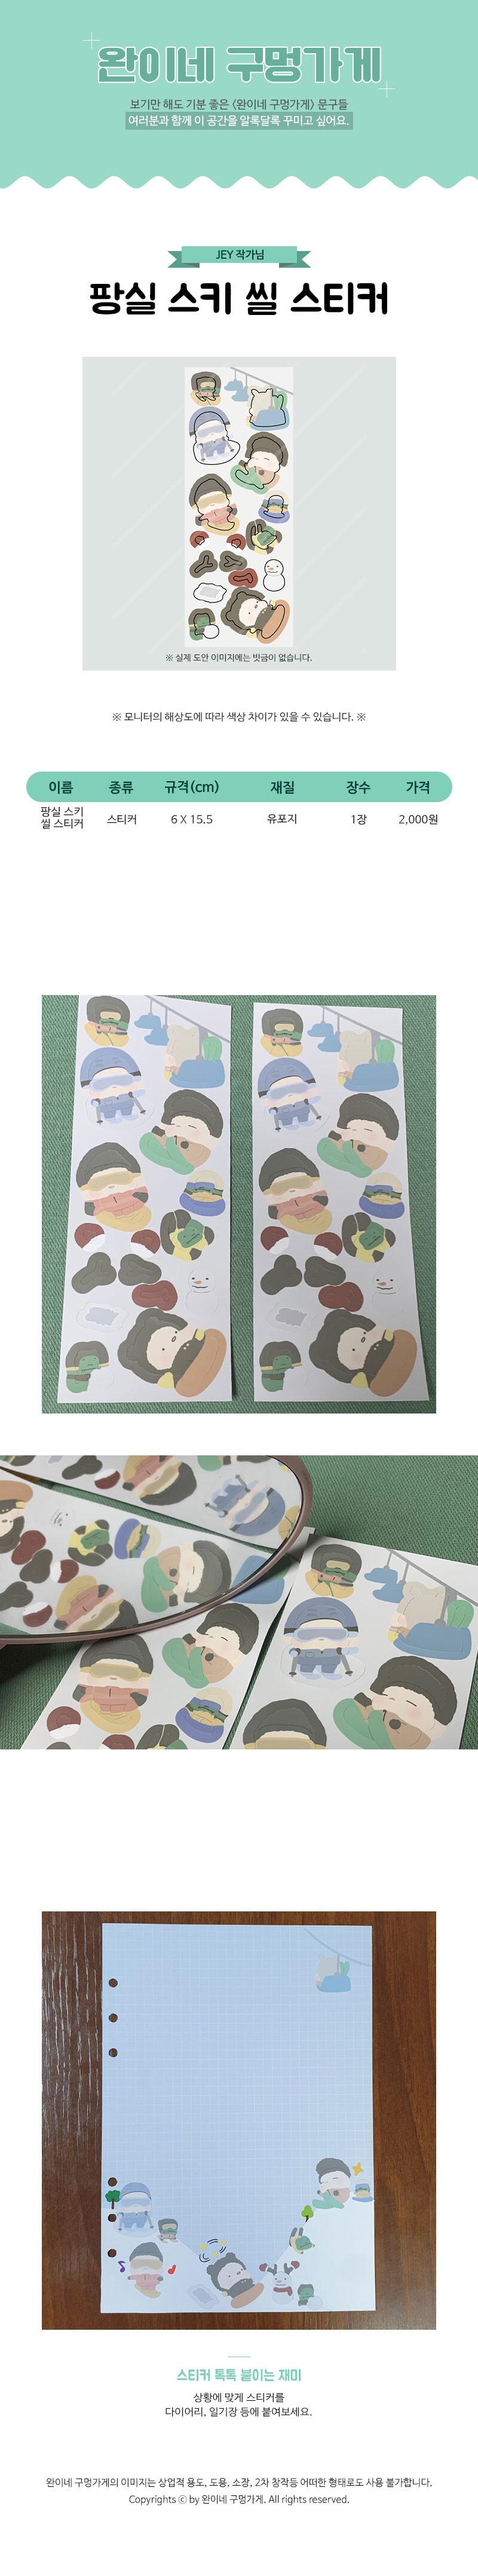 sticker933